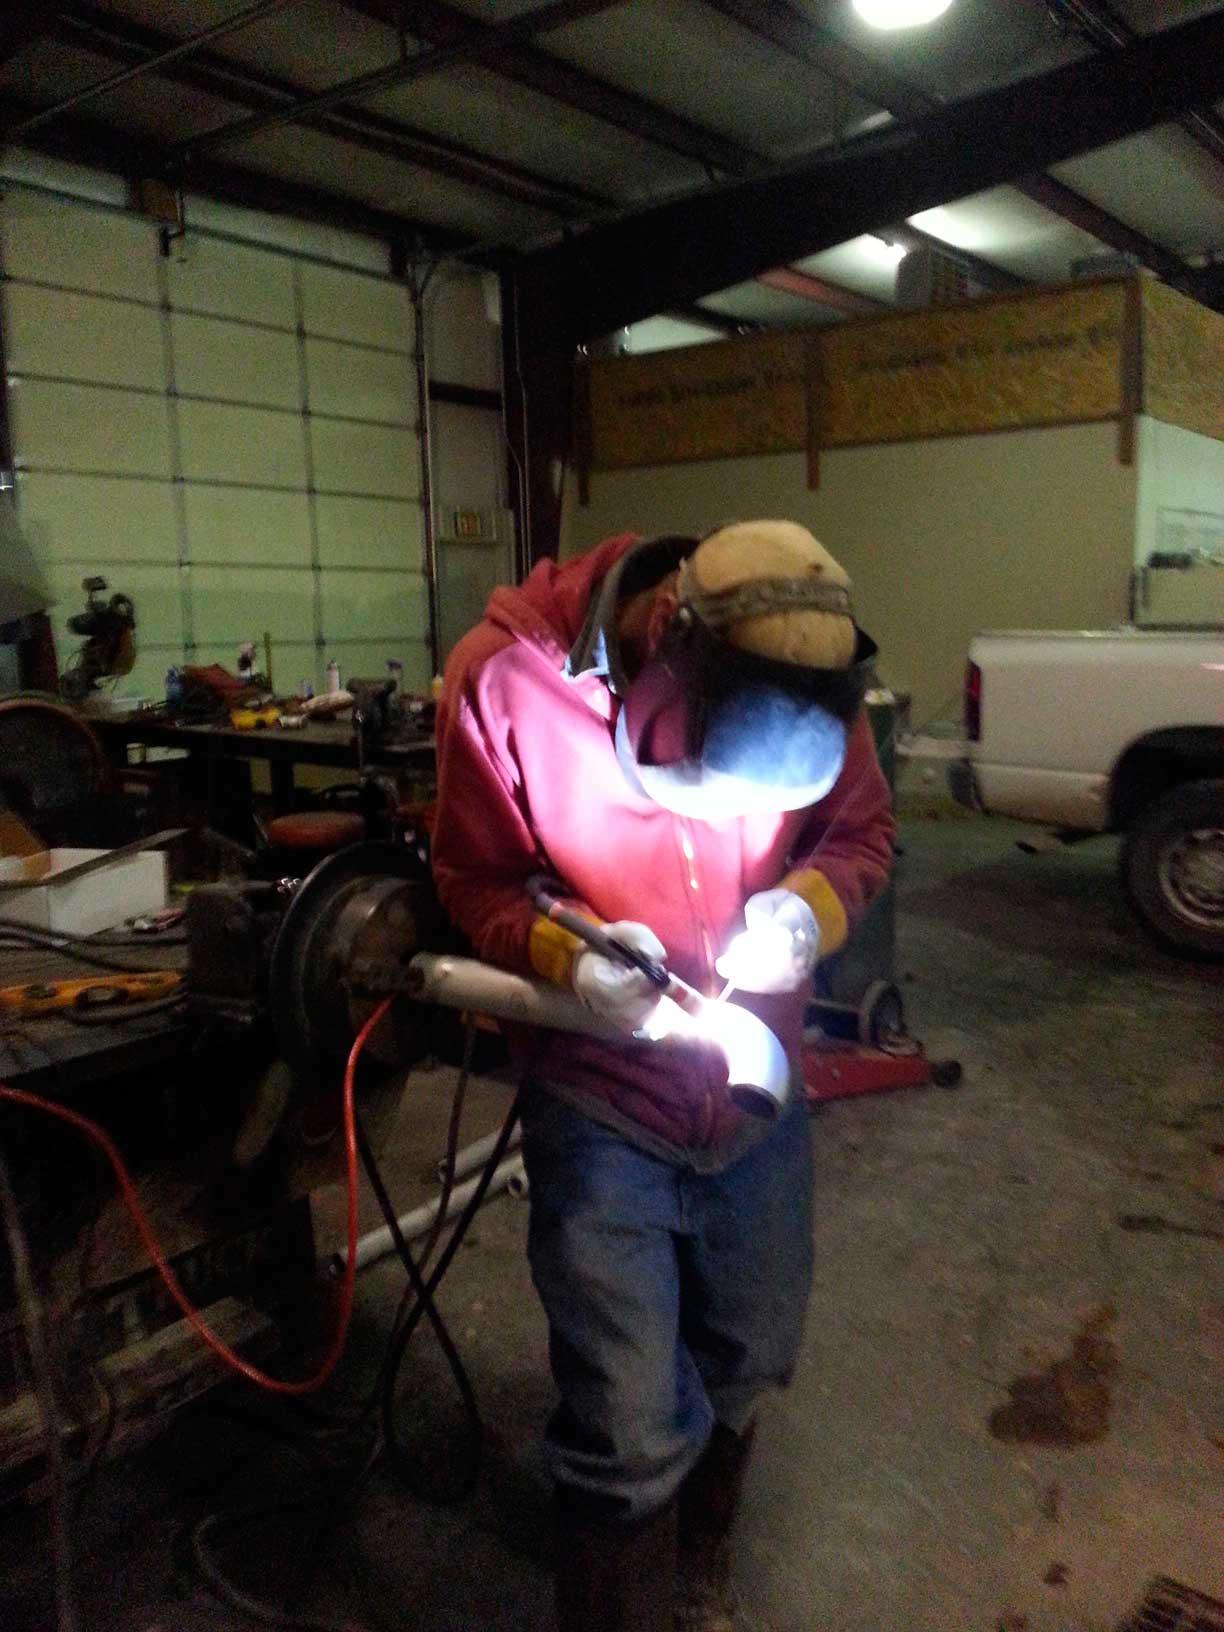 TIG welding off of rig